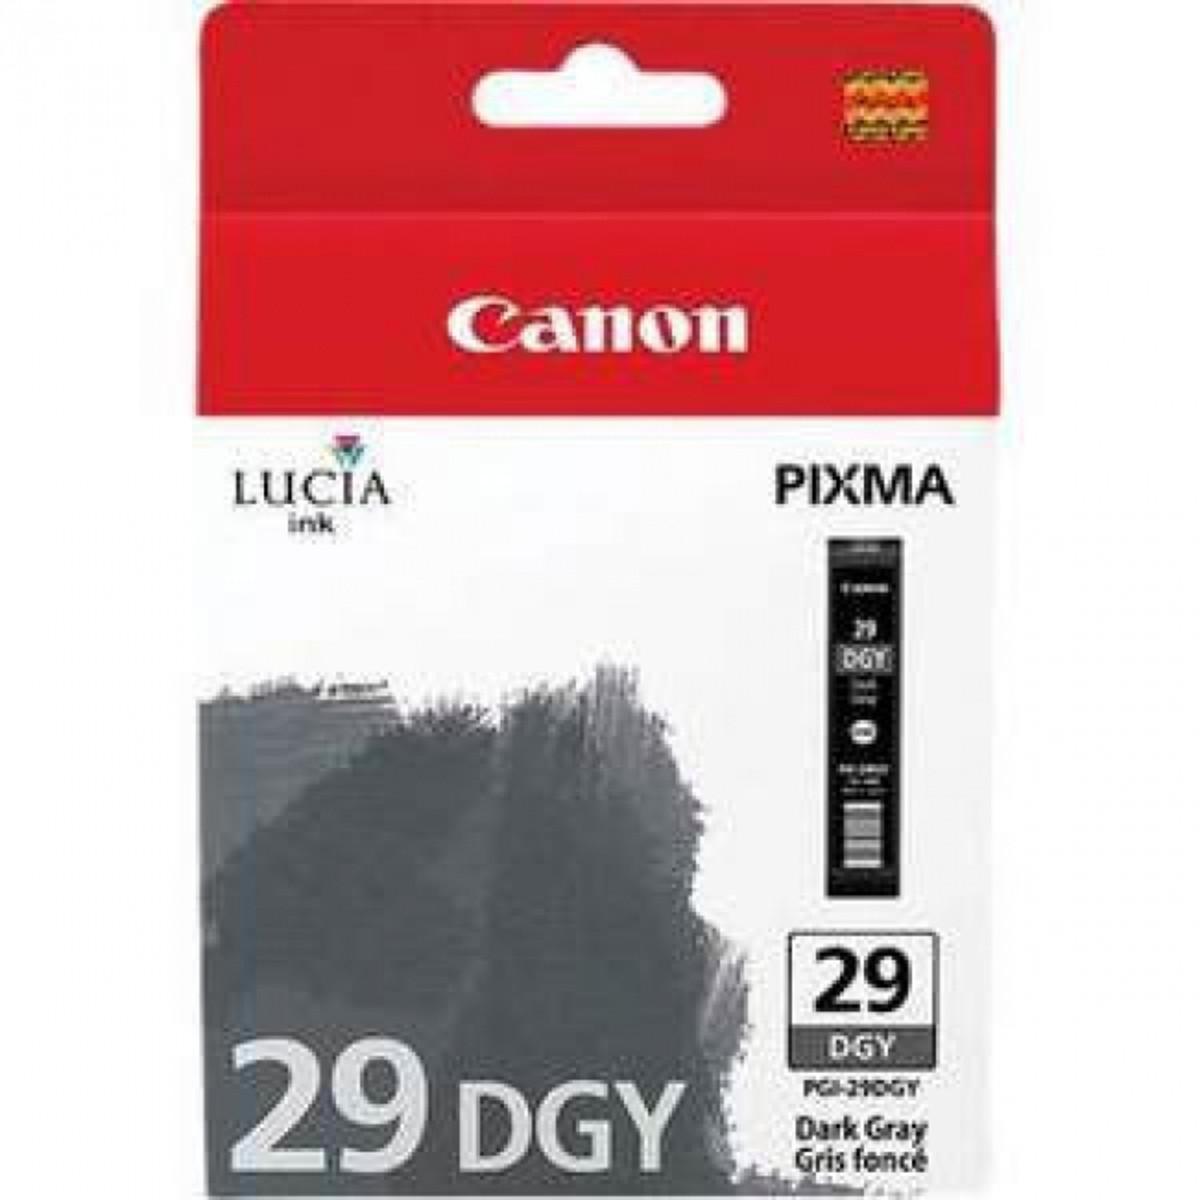 Canon PGI-29DGY Dark Grey Ink Cartridge